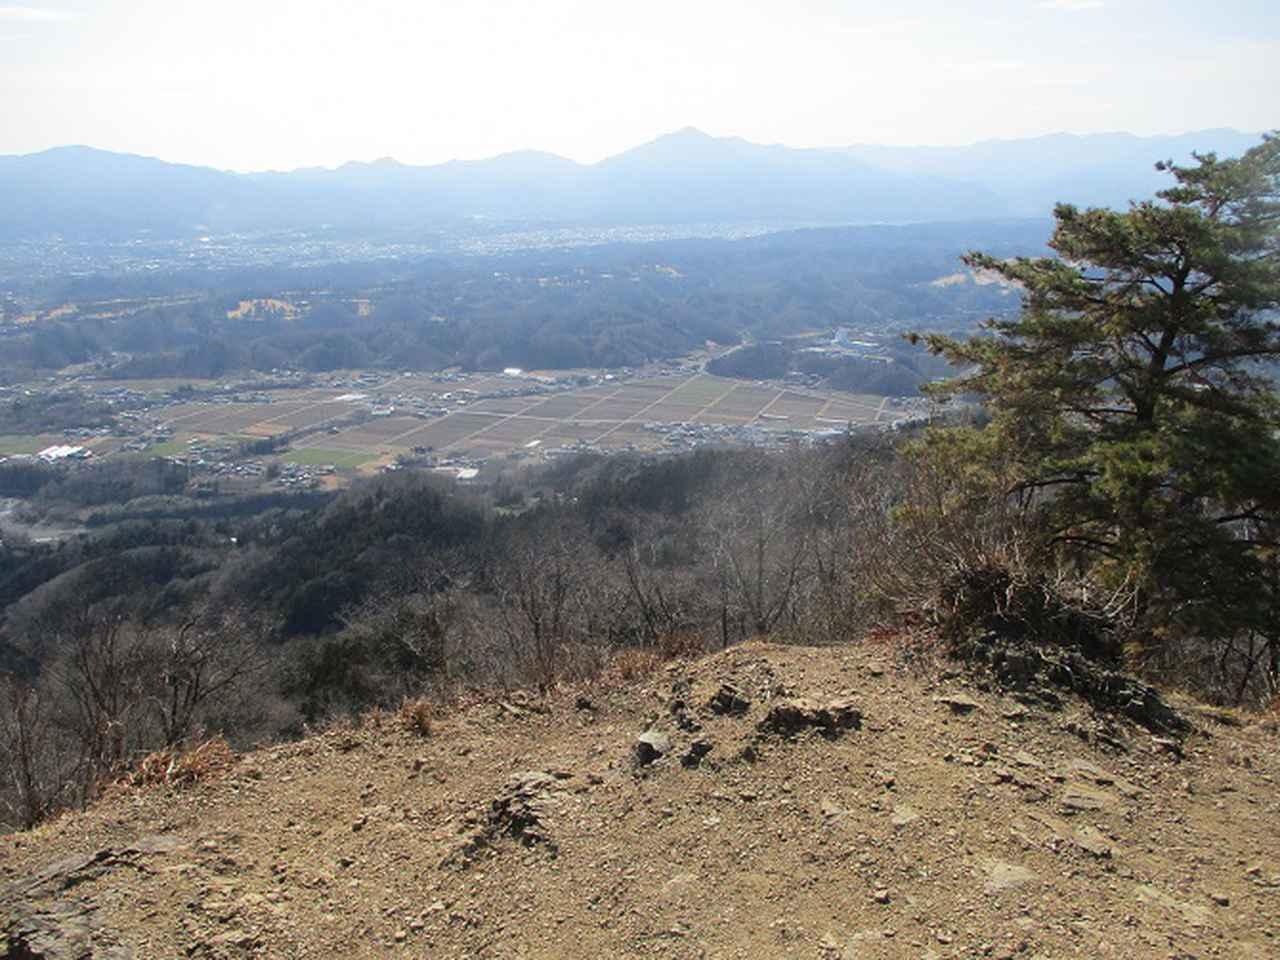 画像7: 3月の山旅会 秩父・破風山 の下見に行ってきました!